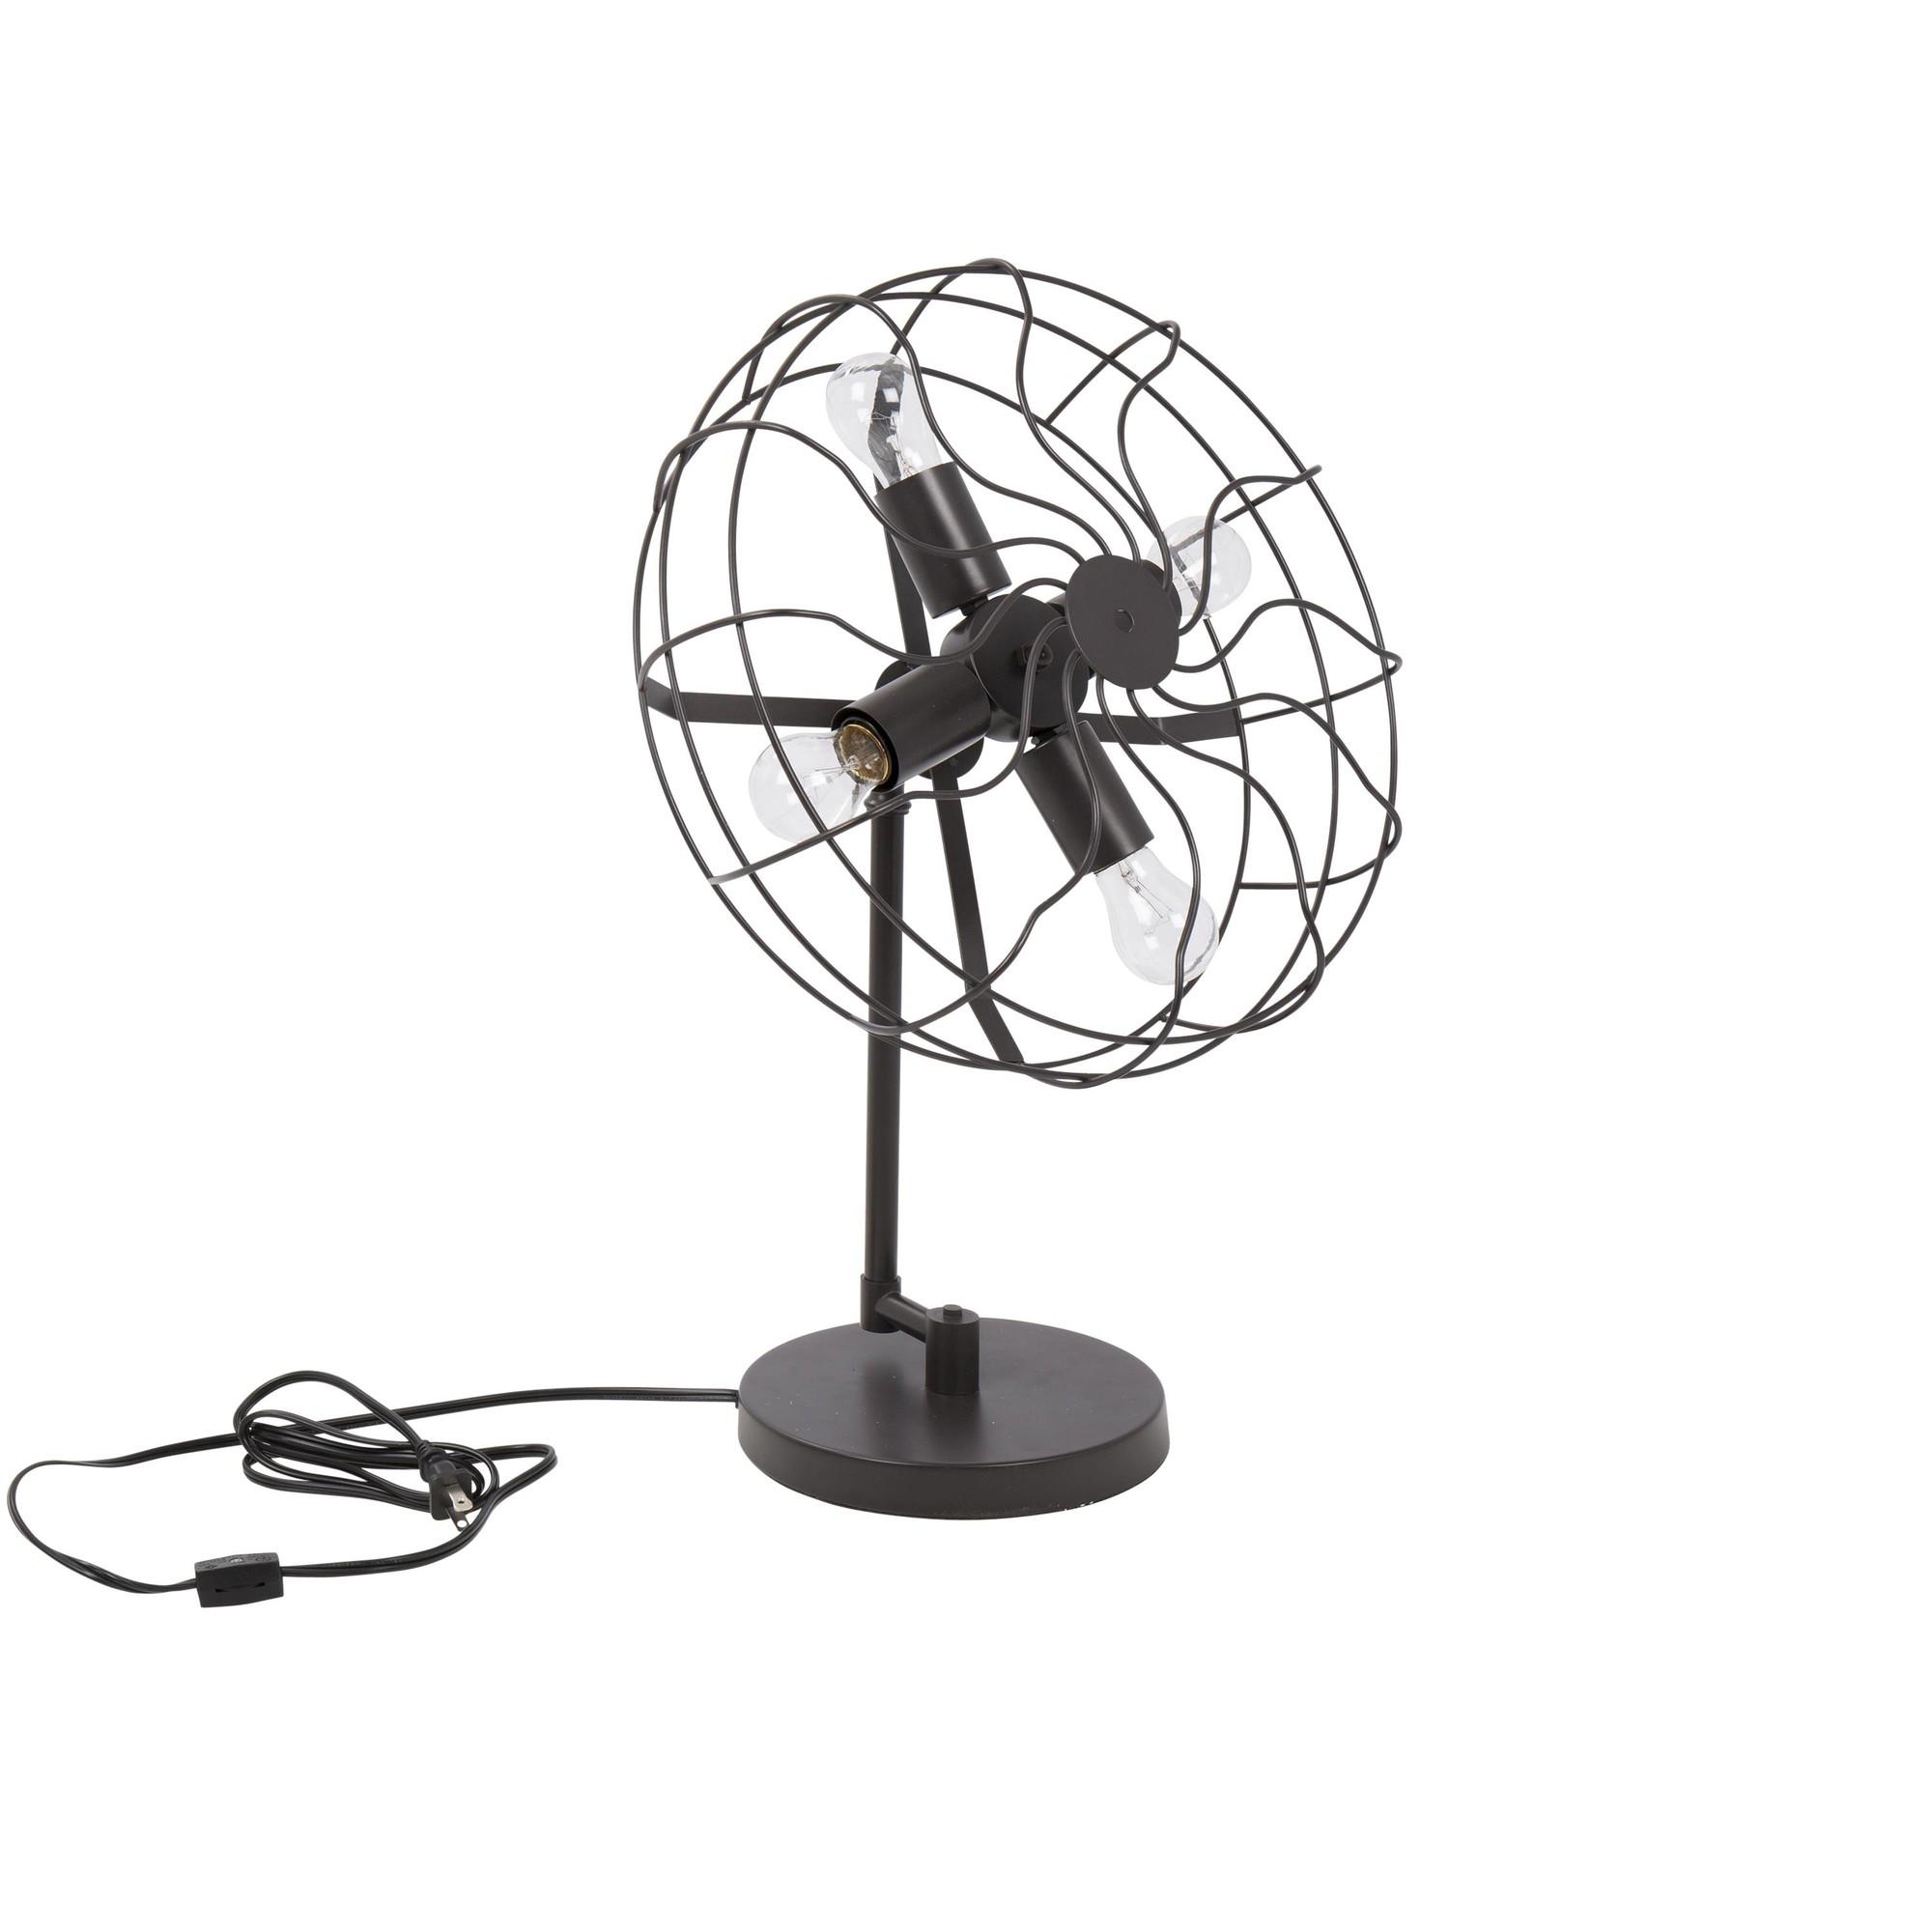 Ozzy Table Lamp AN 300DPI Main_hr.jpg